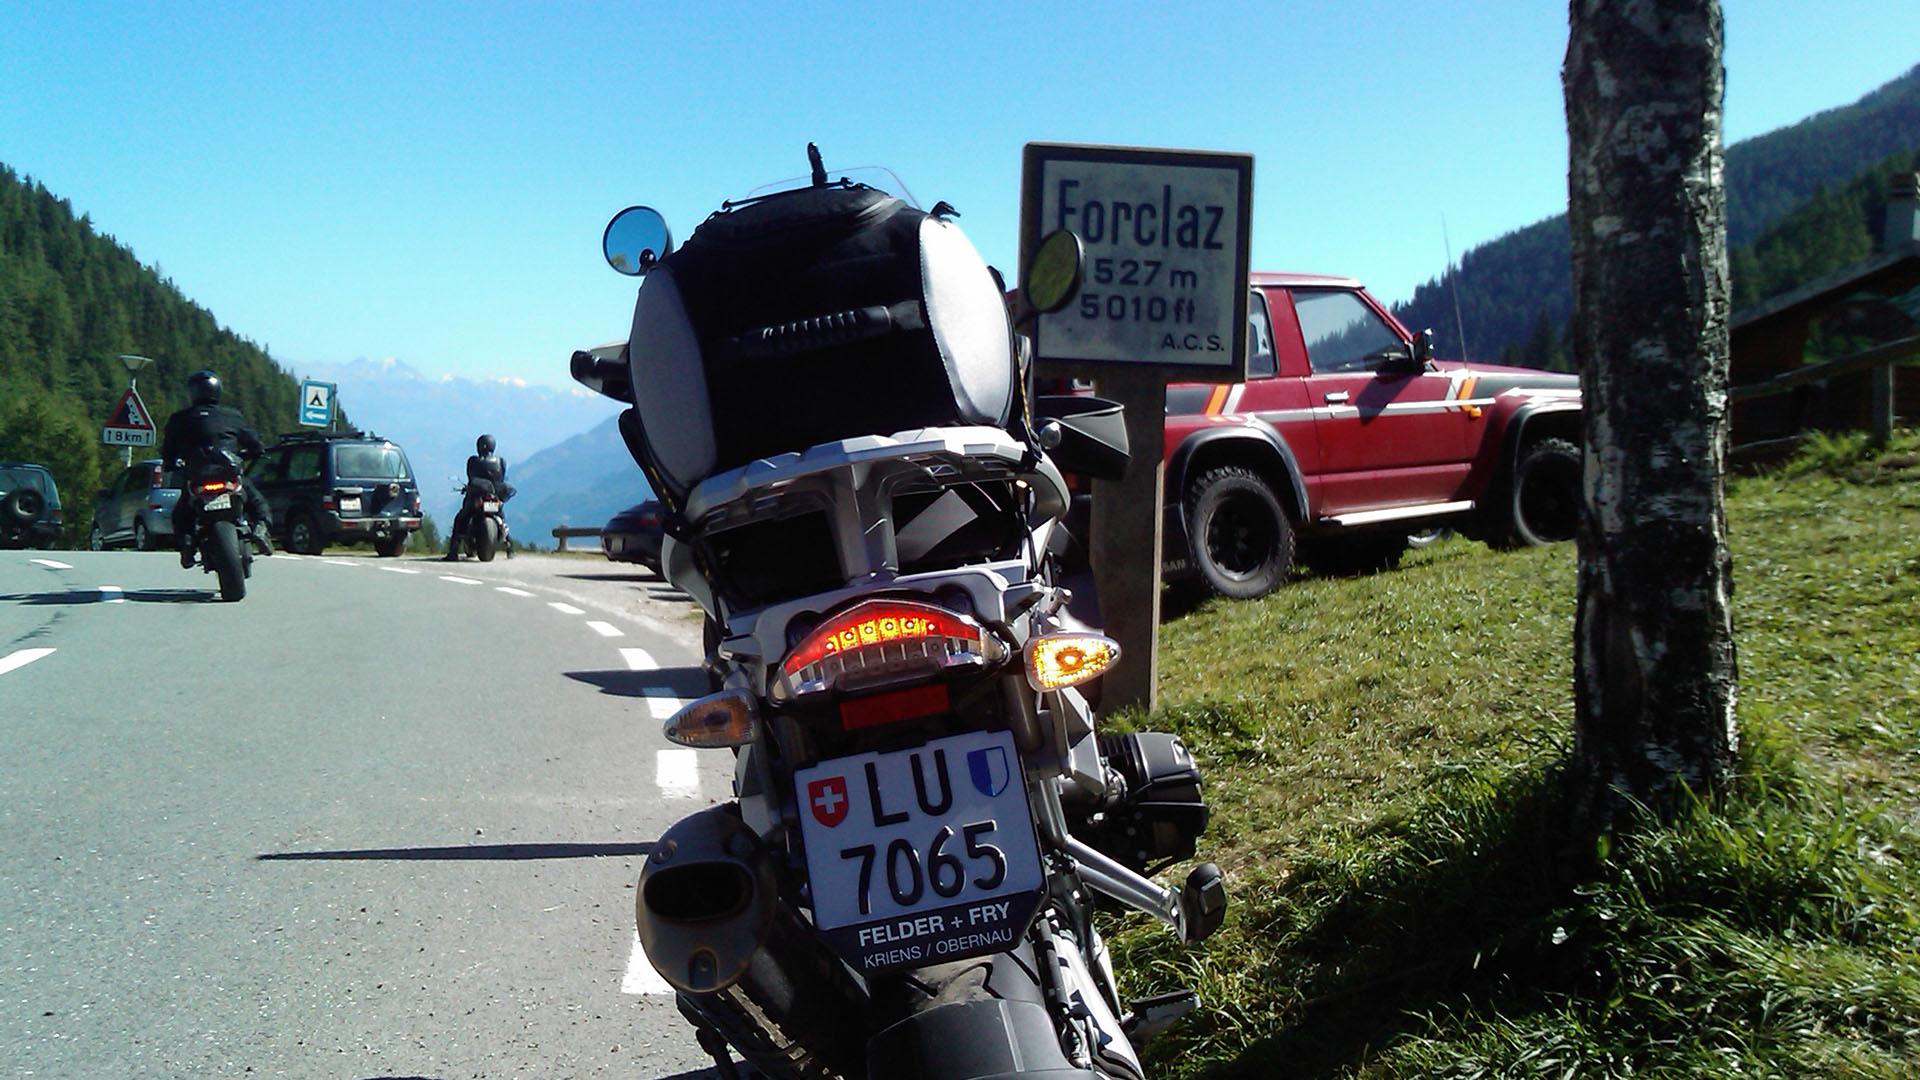 1527 - CH - Col de la Forclaz